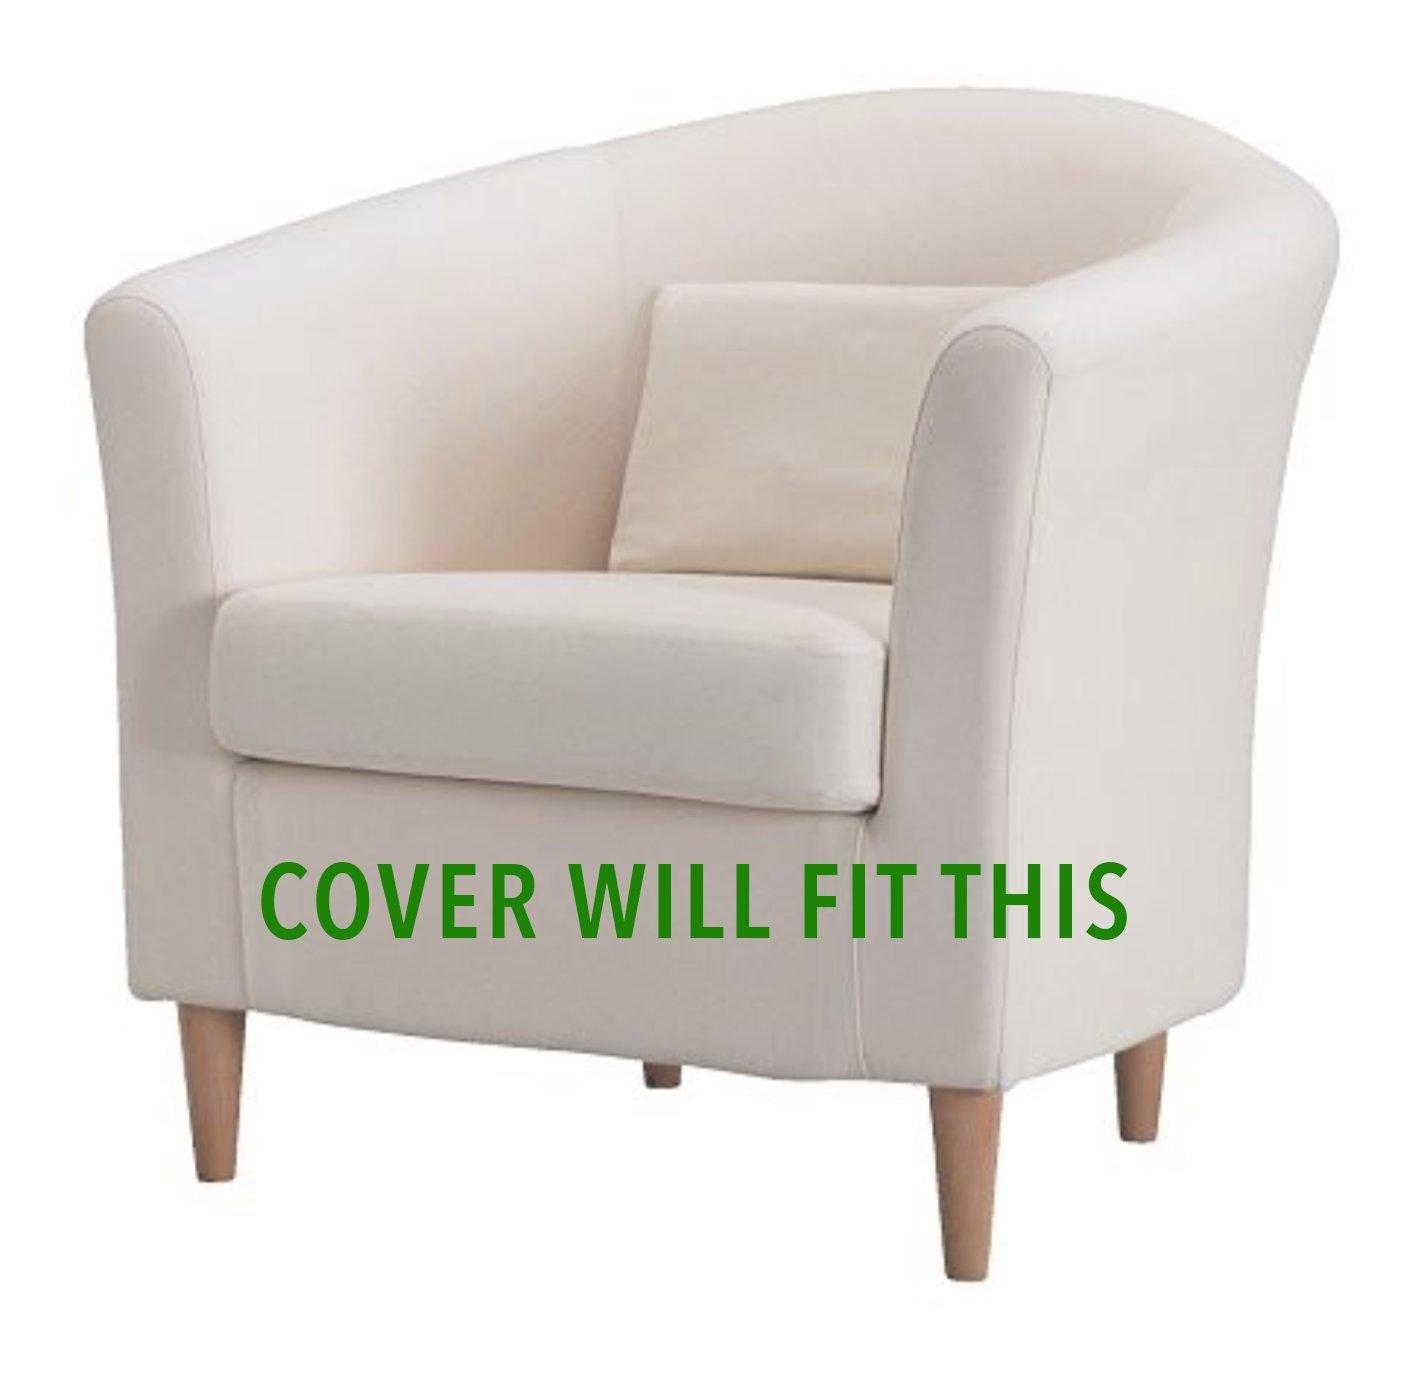 Amazon Ikea Tullsta Chair Slipcover Home & Kitchen